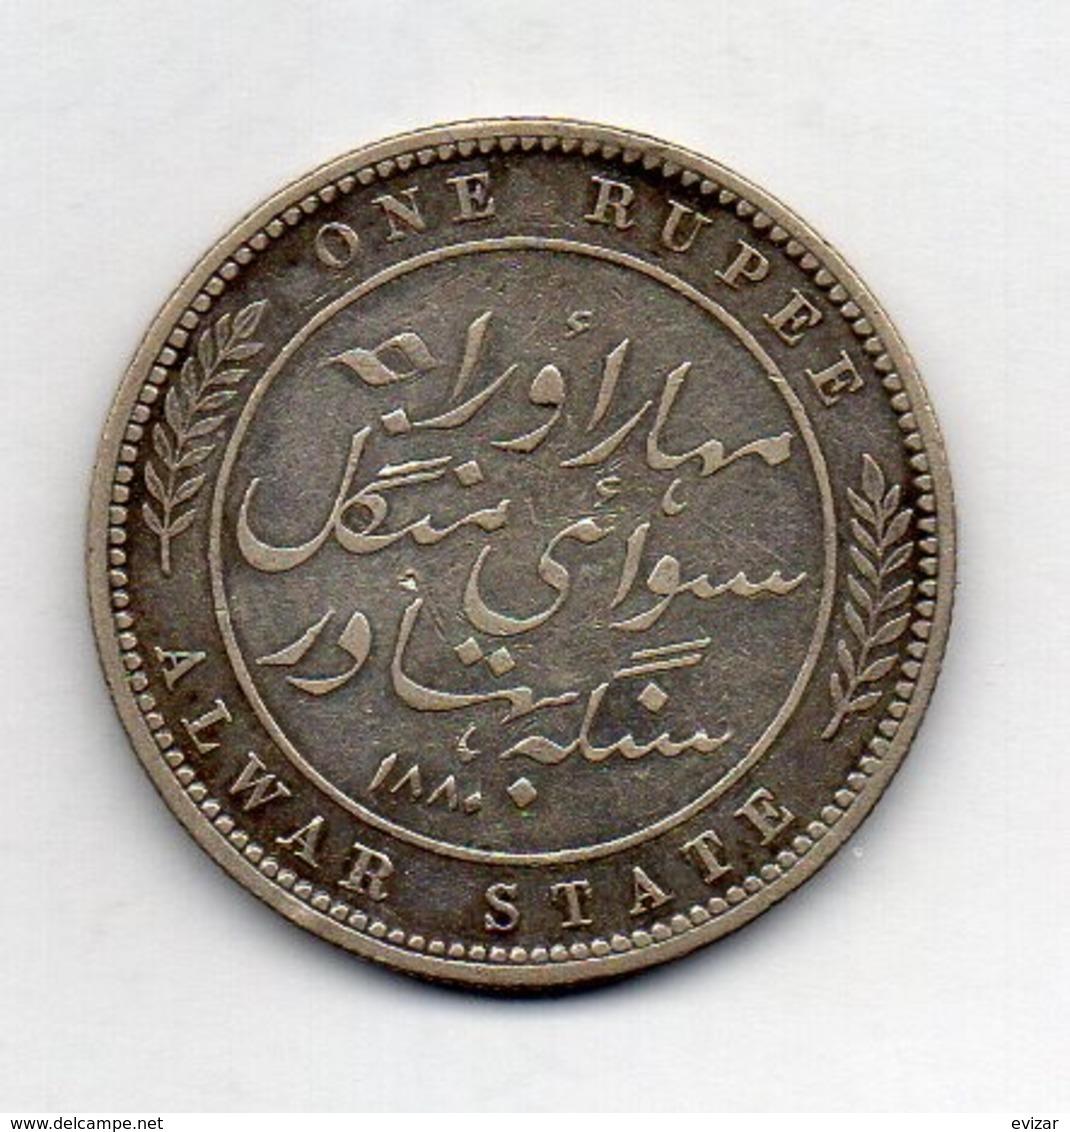 INDE - ALWAR, 1 Rupee, Silver, 1880, KM #45 - Inde